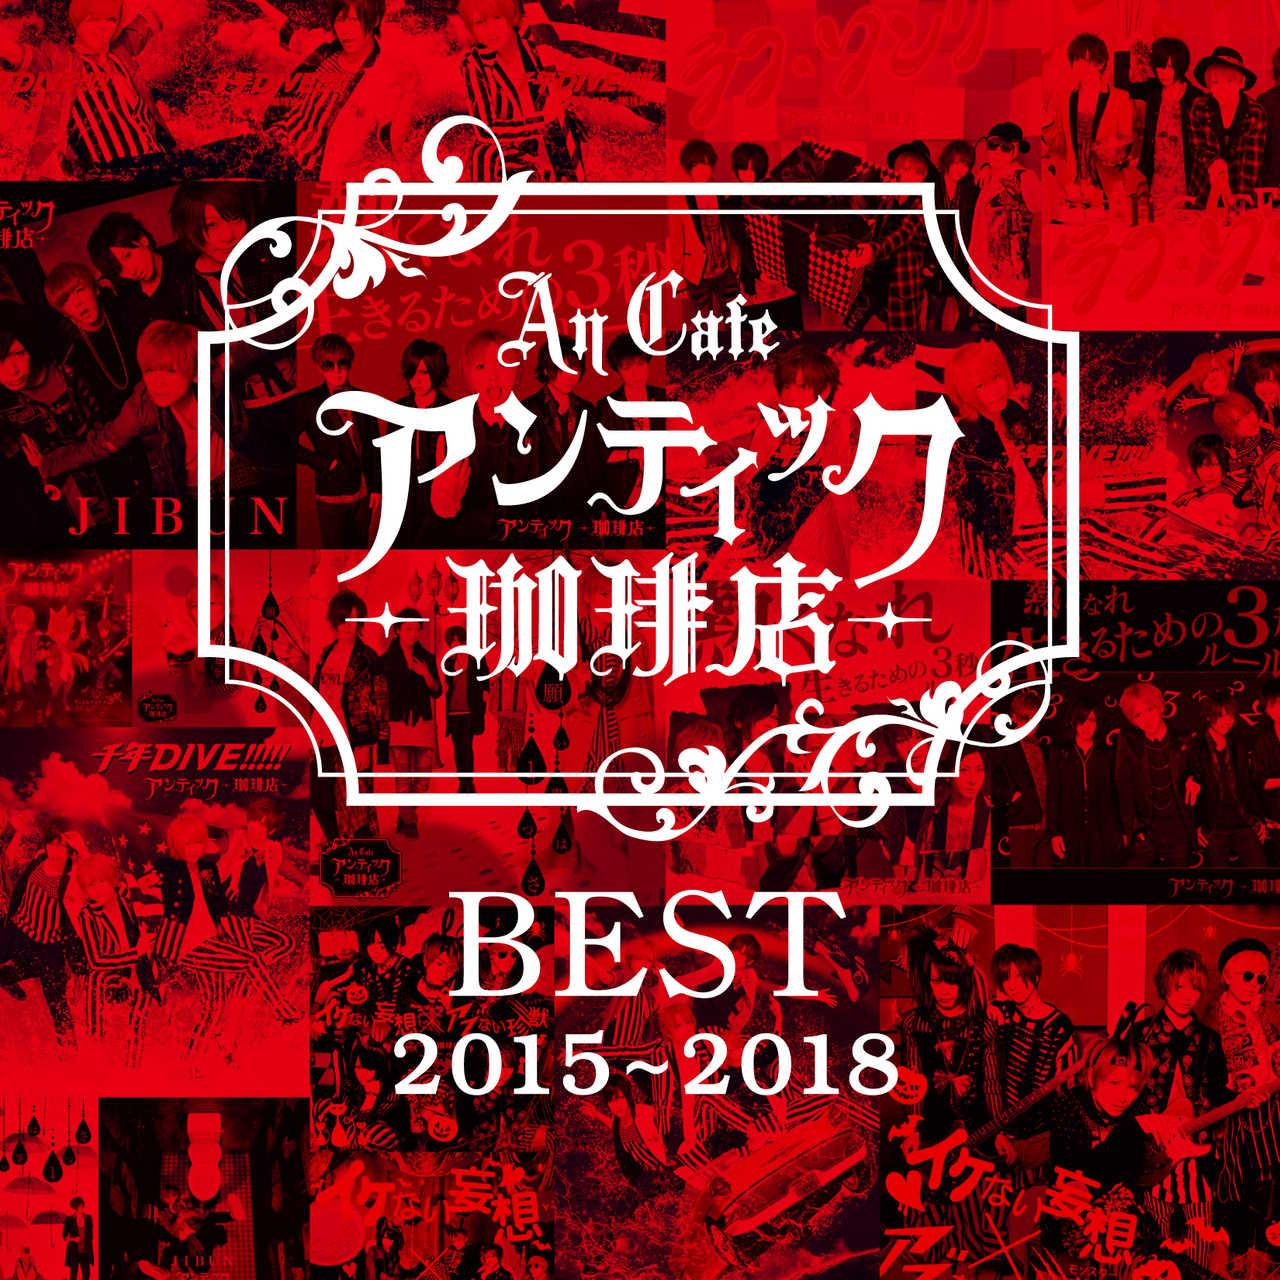 アルバム『BEST 2015~2018』